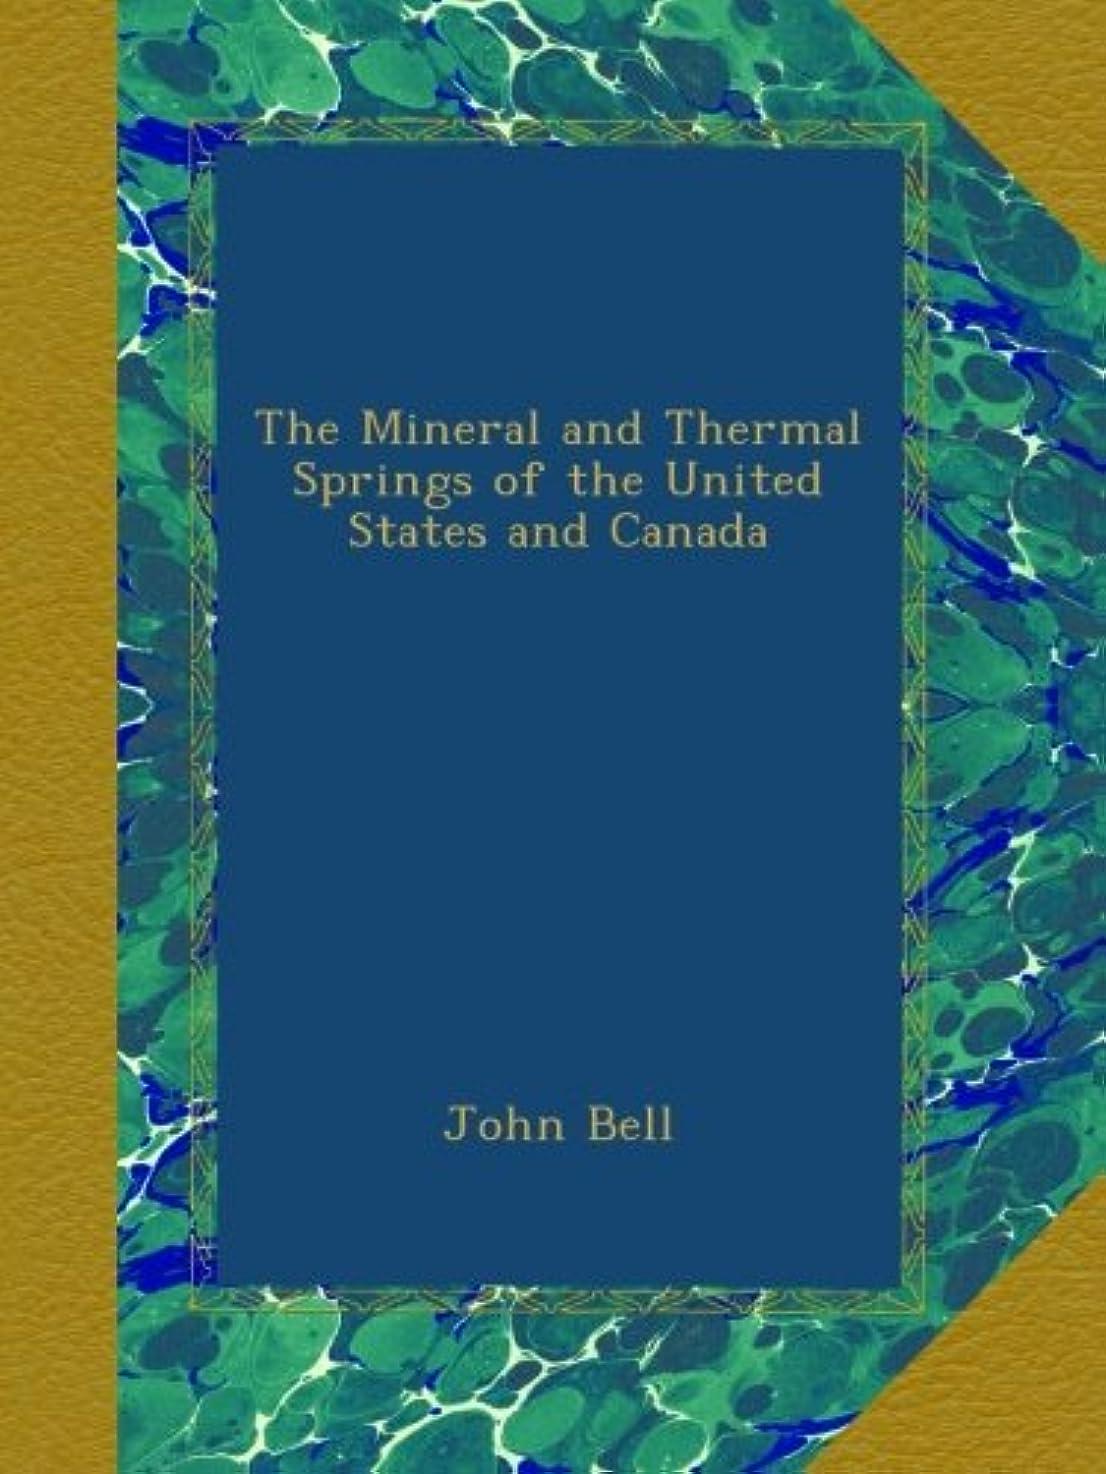 書き出す決定乗り出すThe Mineral and Thermal Springs of the United States and Canada